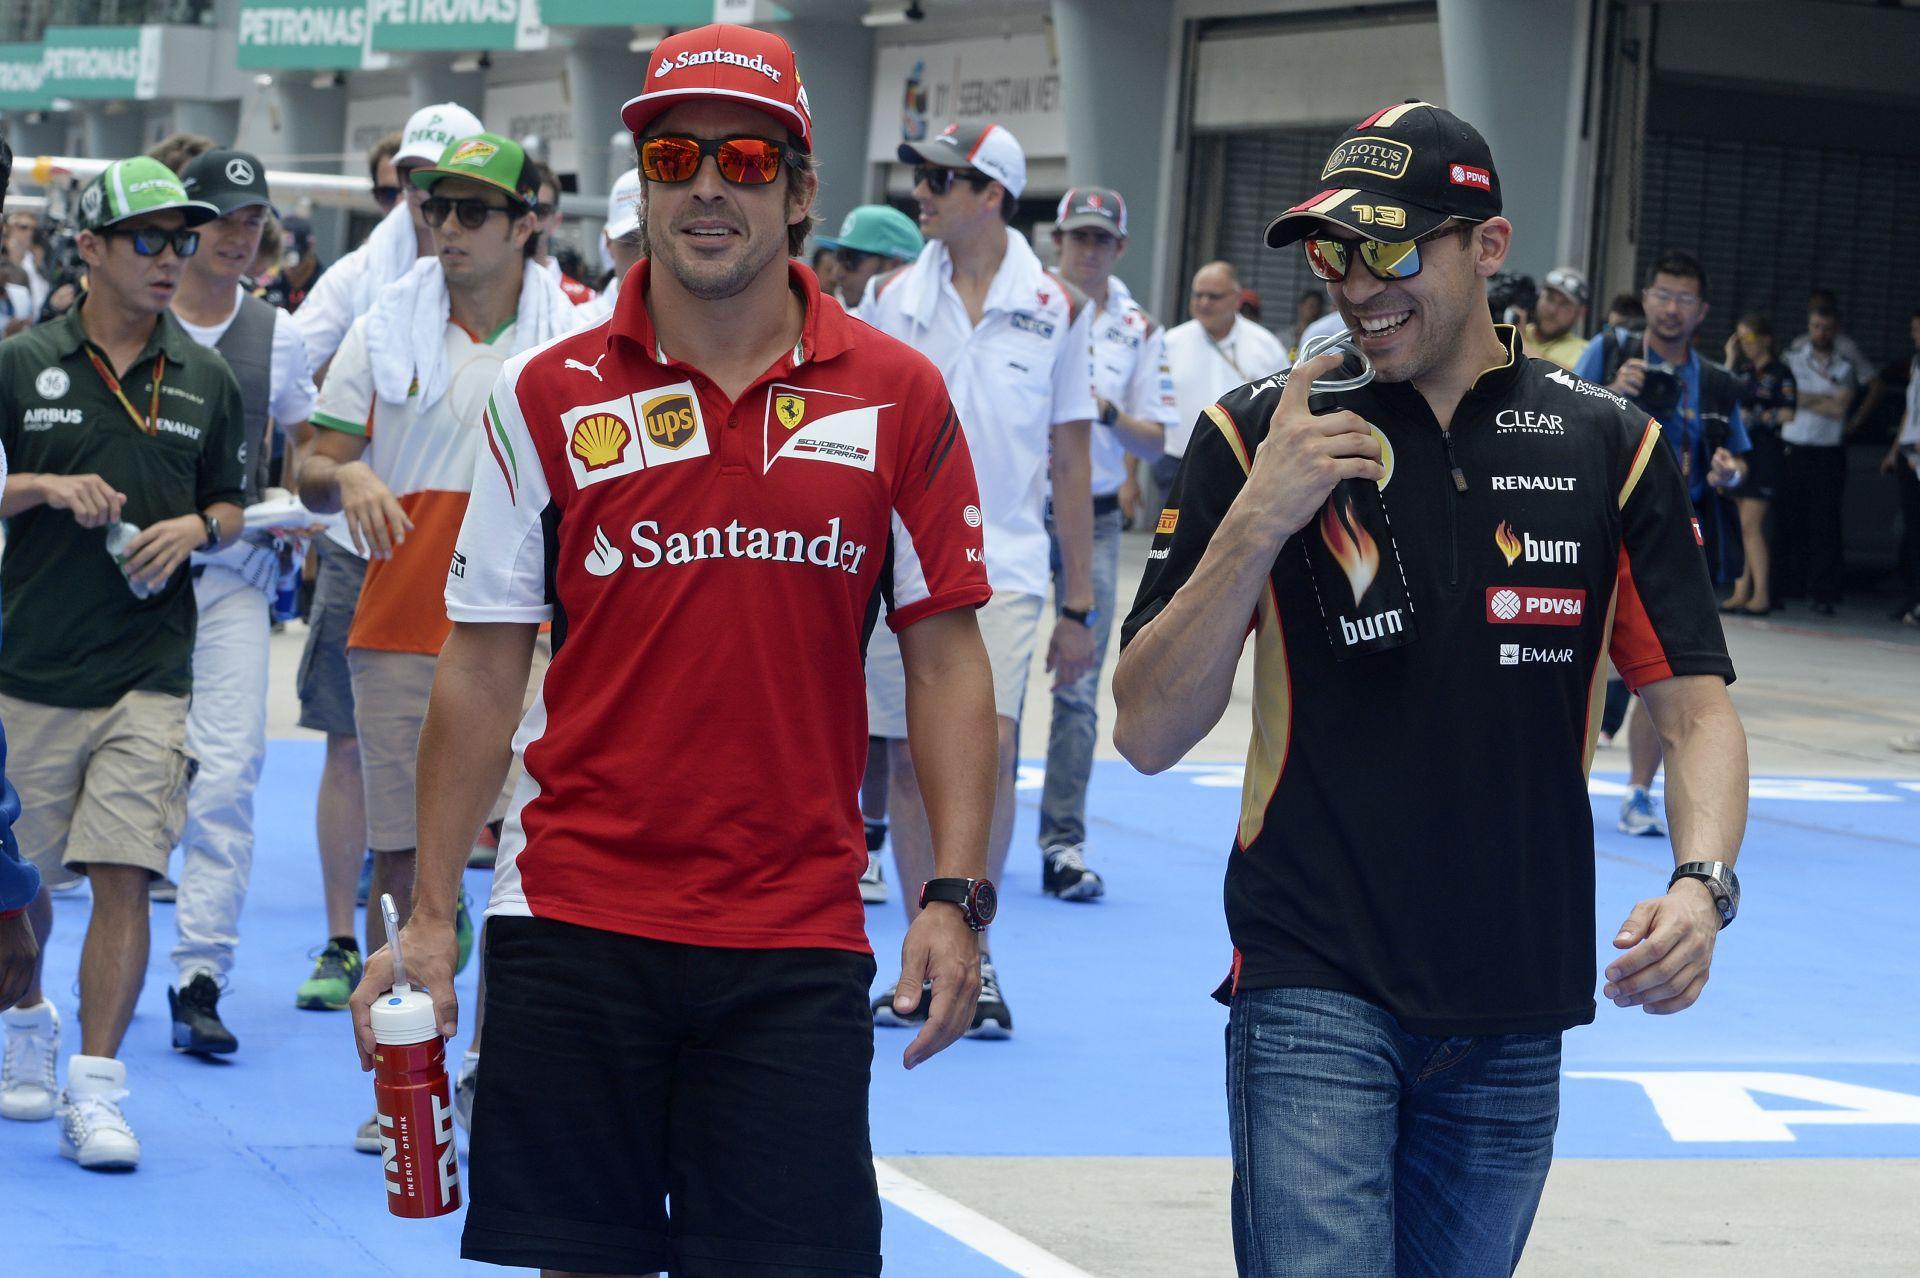 BRÉKING: Alonso a Lotus-Mercedes versenyzője lehet jövőre! Maldonado és Grosjean is repül? 16 éves csapattársat kaphat Fernando